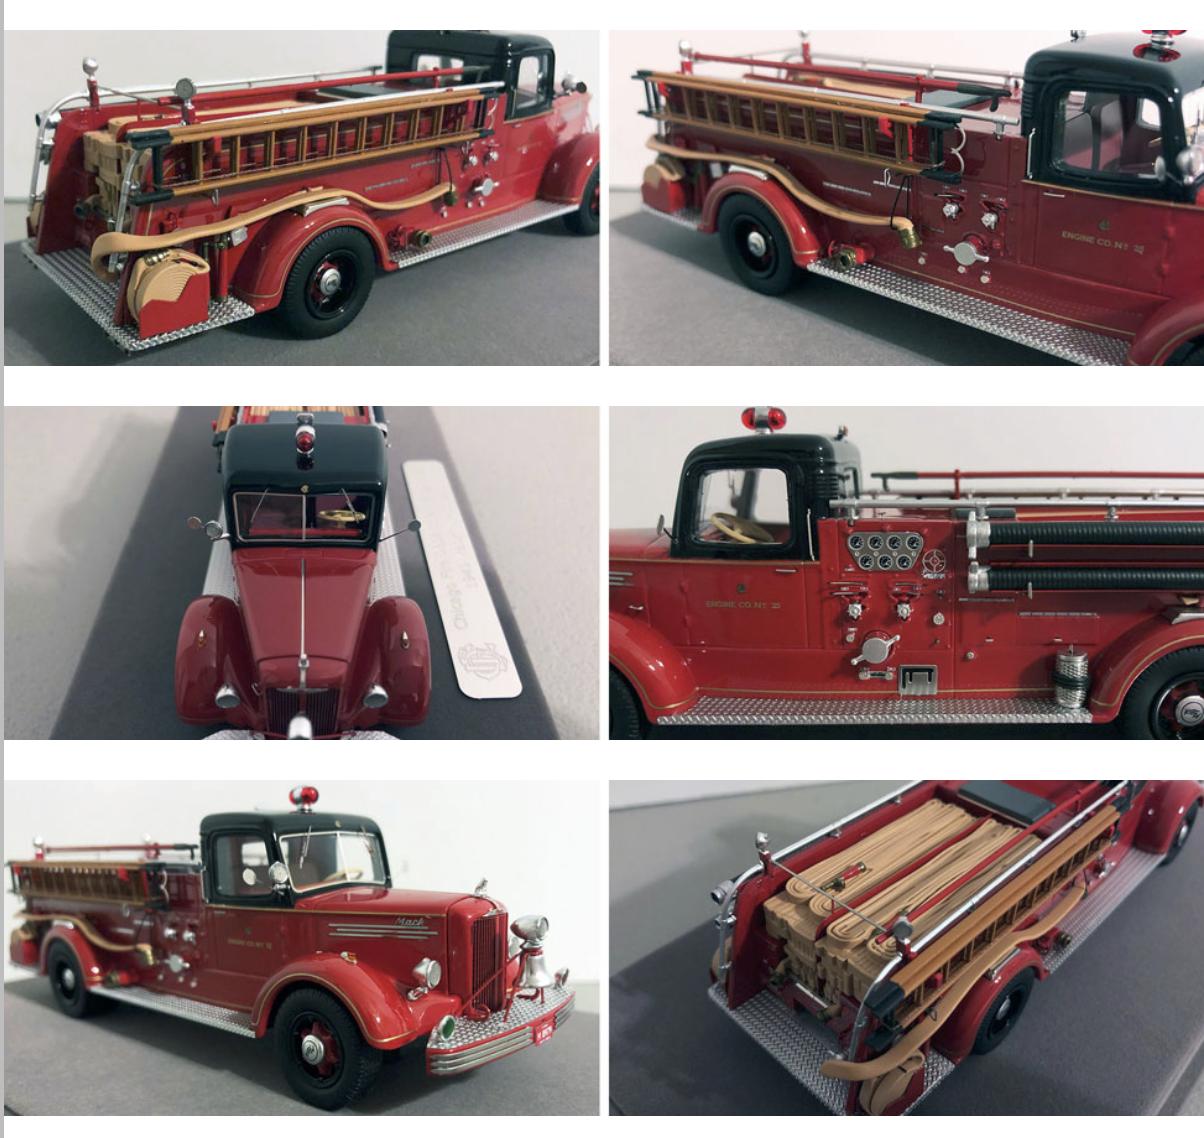 historic Chicago FD replica model